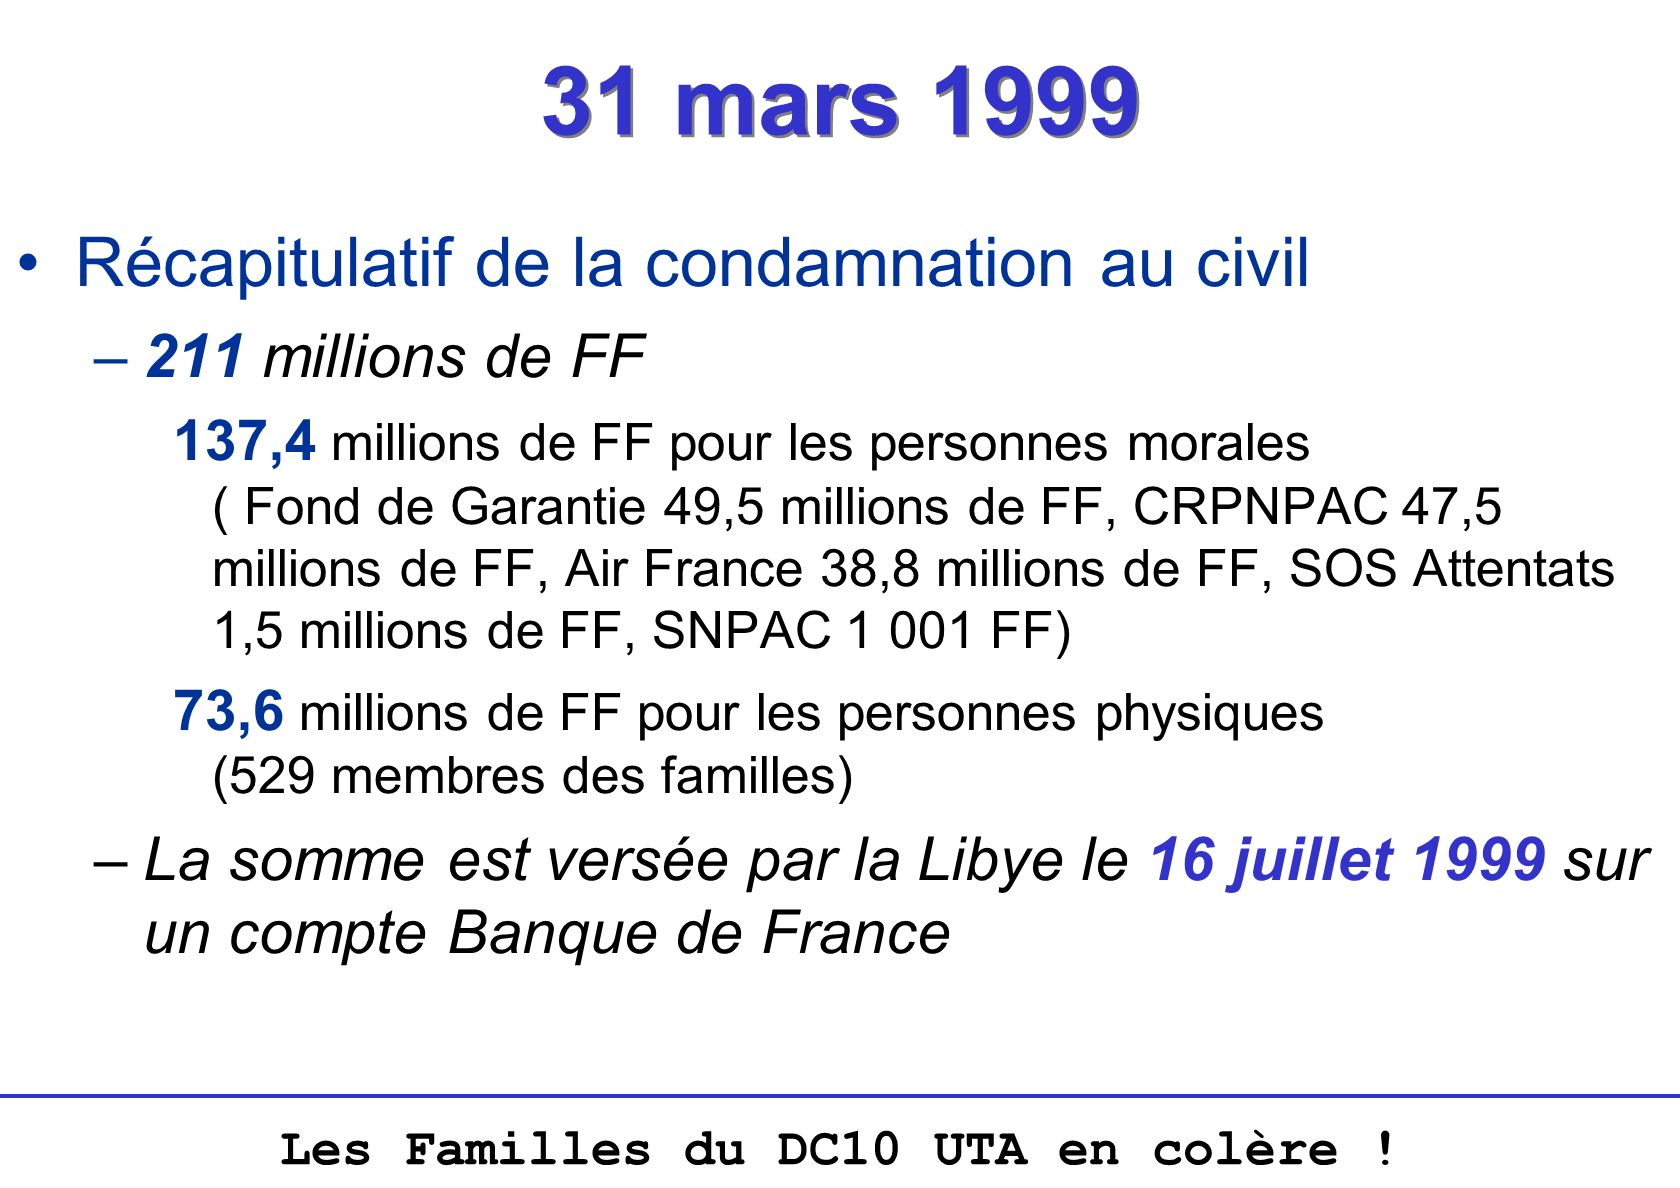 31 mars 1999 Récapitulatif de la condamnation au civil